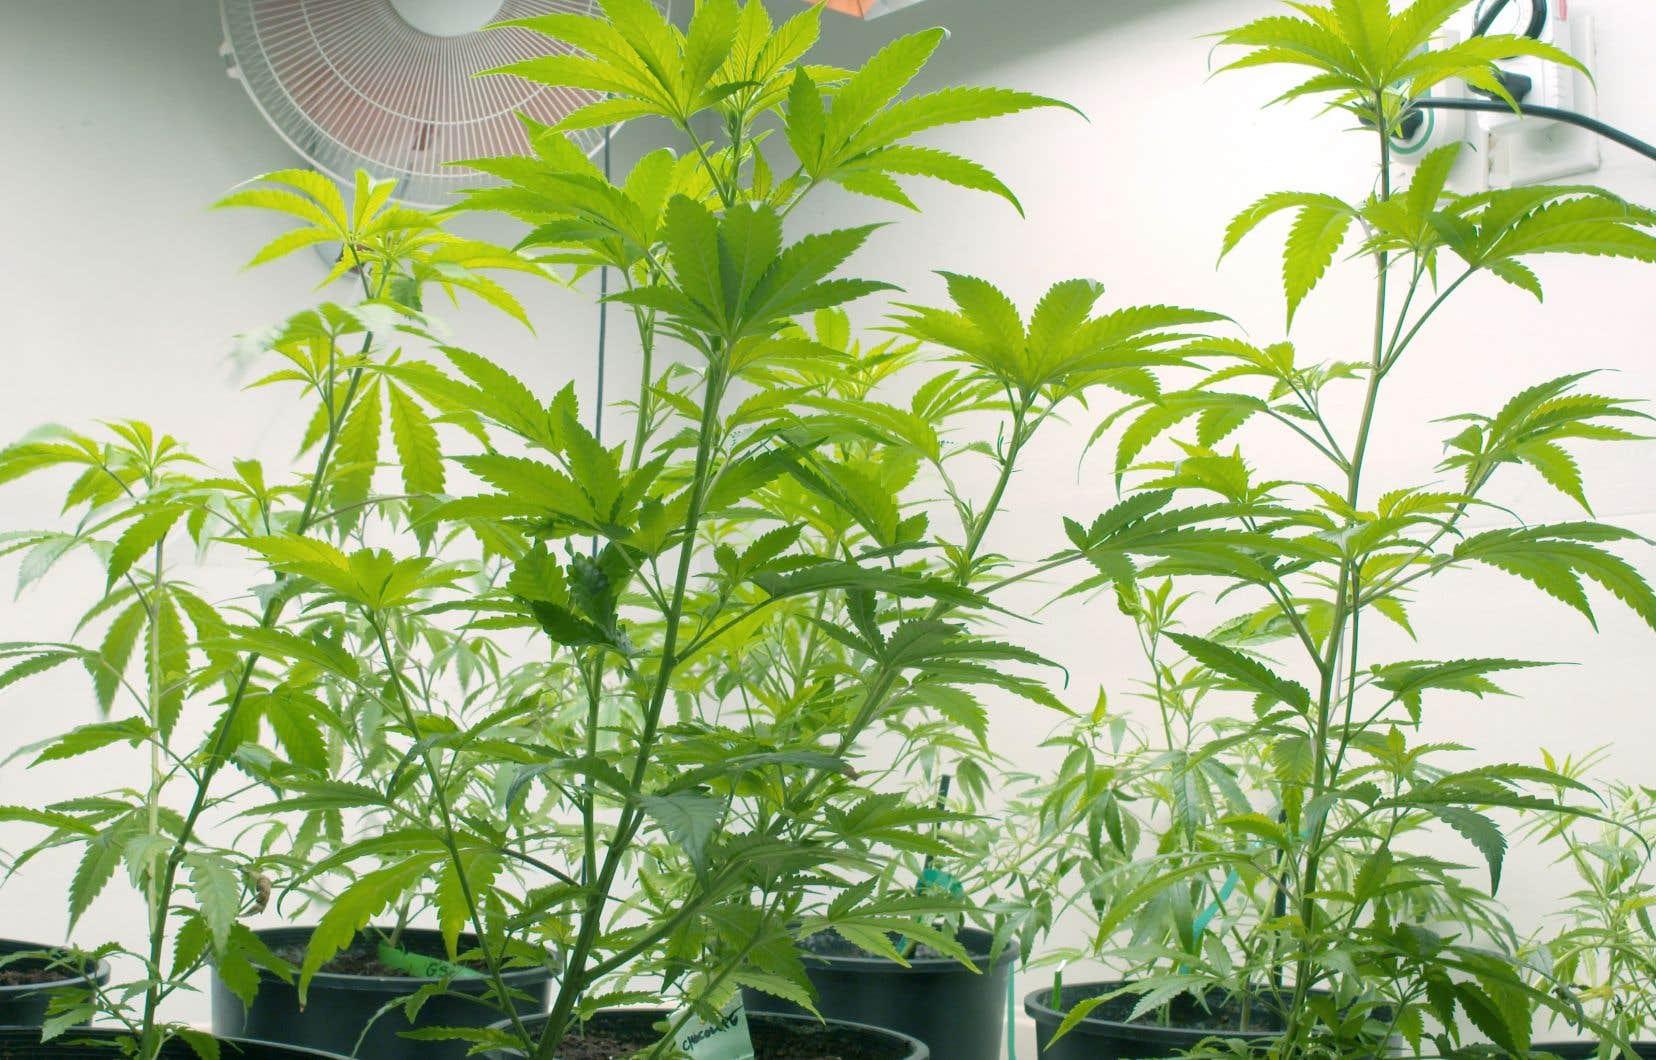 Au Québec, un locataire peut continuer de fumer illégalement de la marijuana pendant des mois avant que le propriétaire obtienne une audience à la Régie du logement, déplore l'auteur du texte.